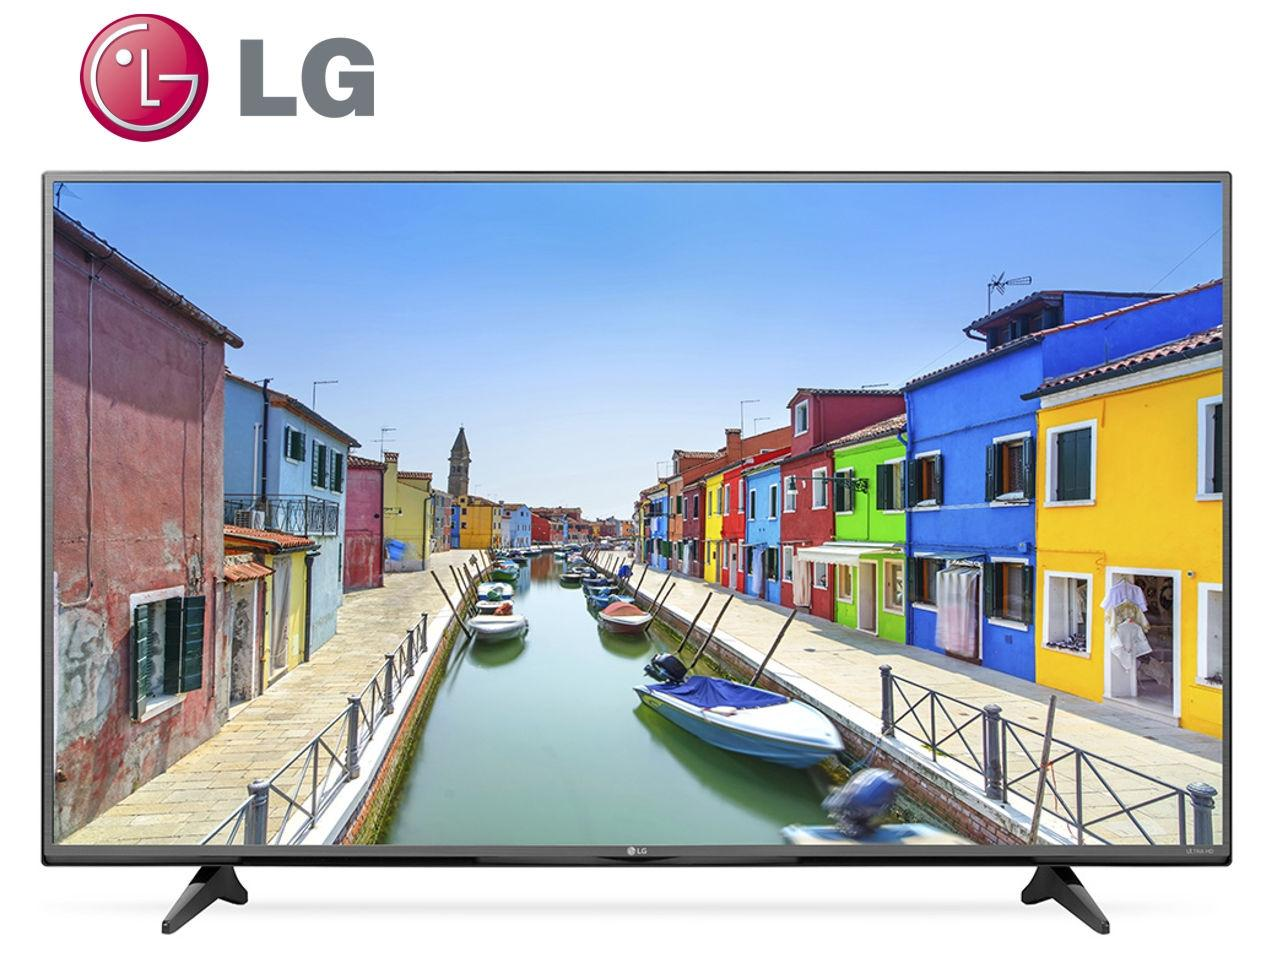 LG 43UF6807 + 500 Kč na dárky nebo další nákup | CHAT on-line podpora PO-PÁ 8-22.00!!